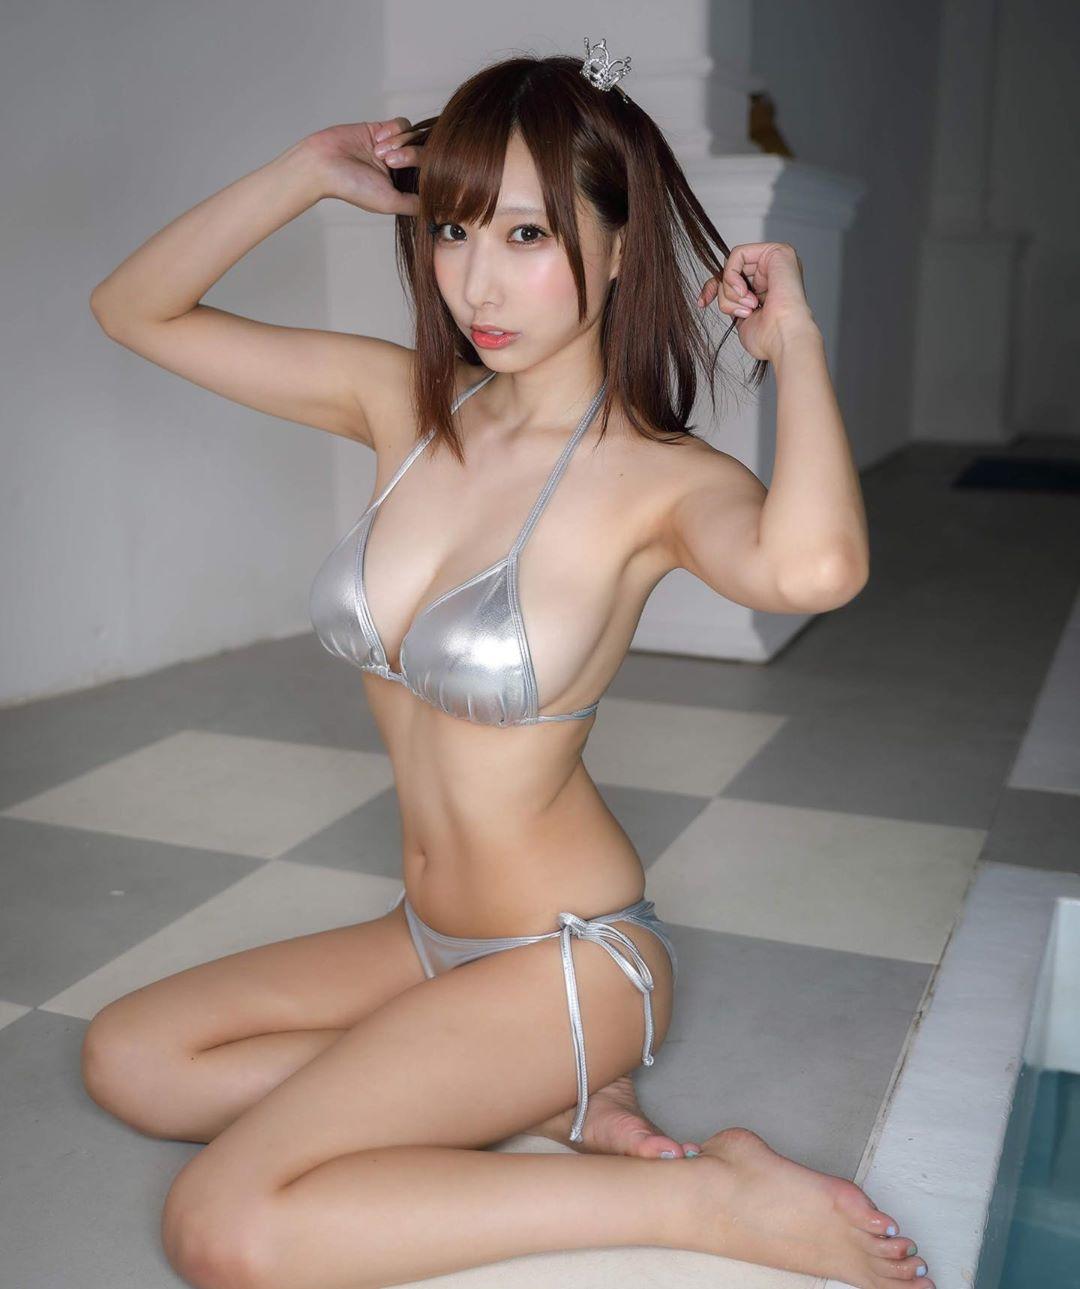 s6_5e13dee32b033